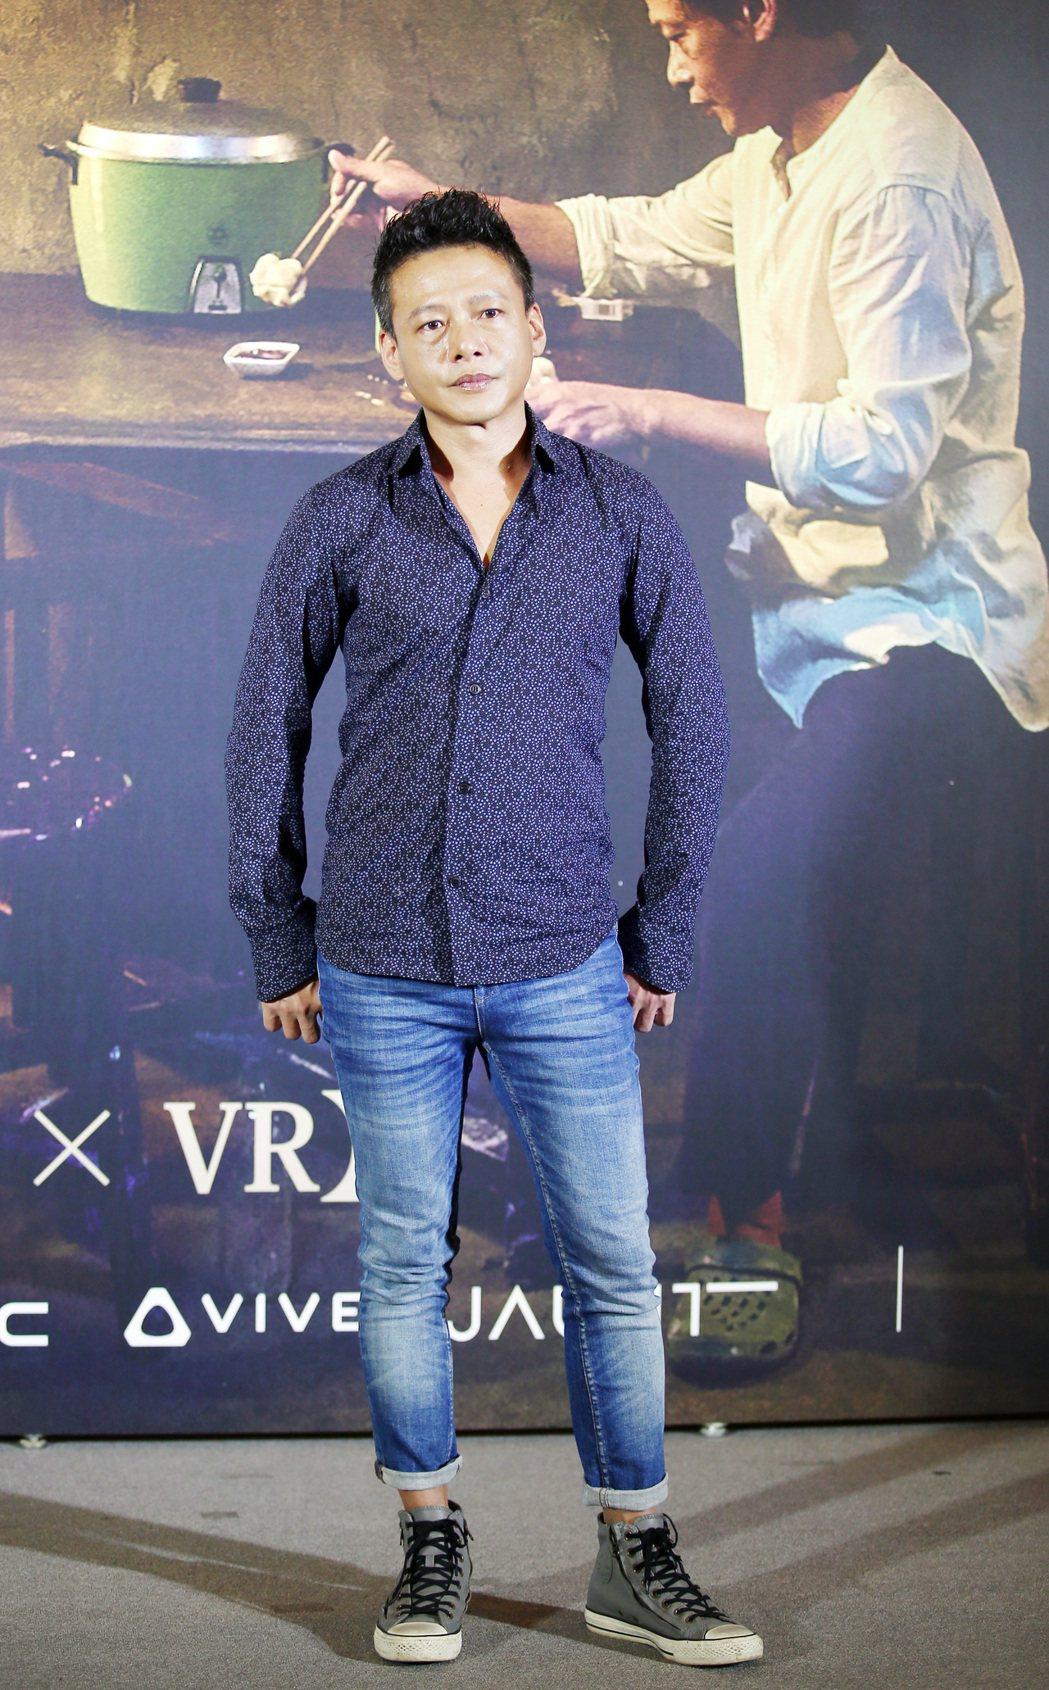 「家在蘭若寺」男主角李康生。記者杜建重/攝影